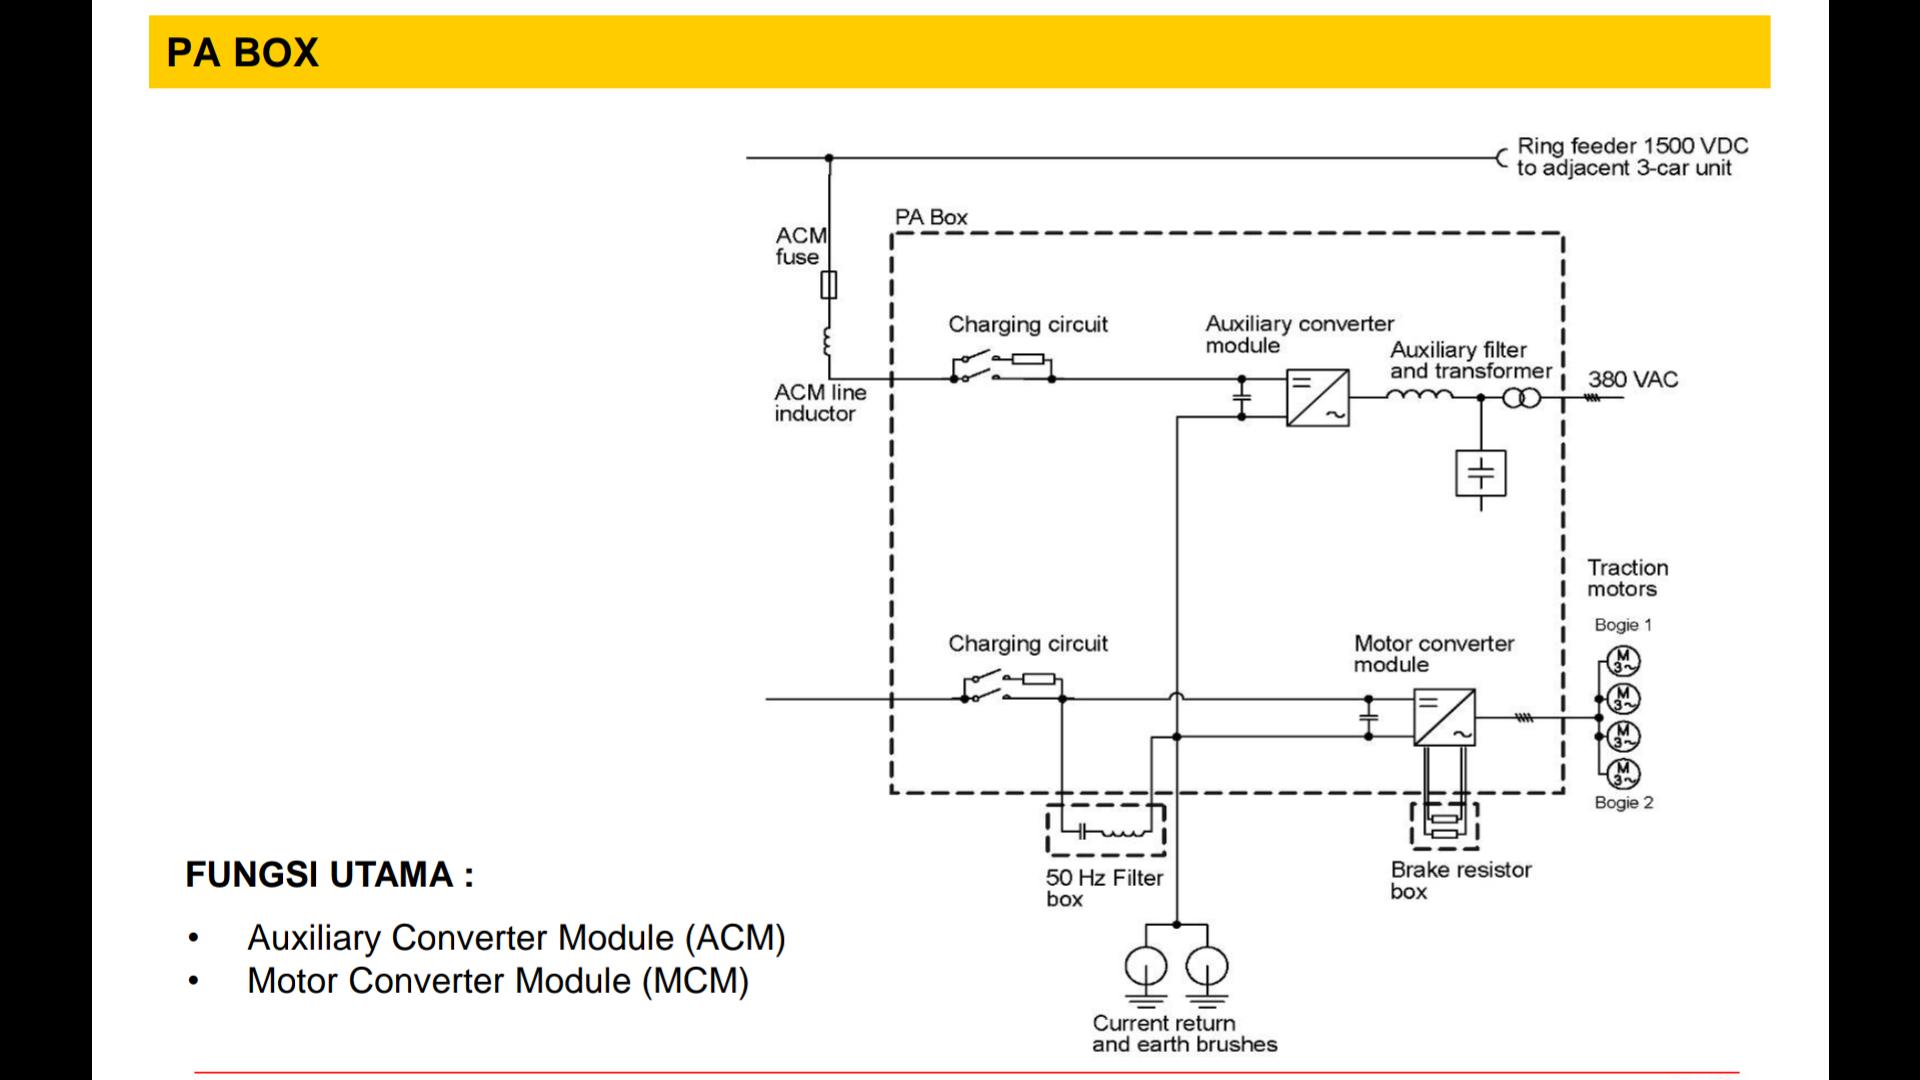 PH Box Dengan Fungsi Seperti SIV dan PA Box Dengan Fungsi Utama Seperti VVVF Inverter │ Sumber : PT INKA